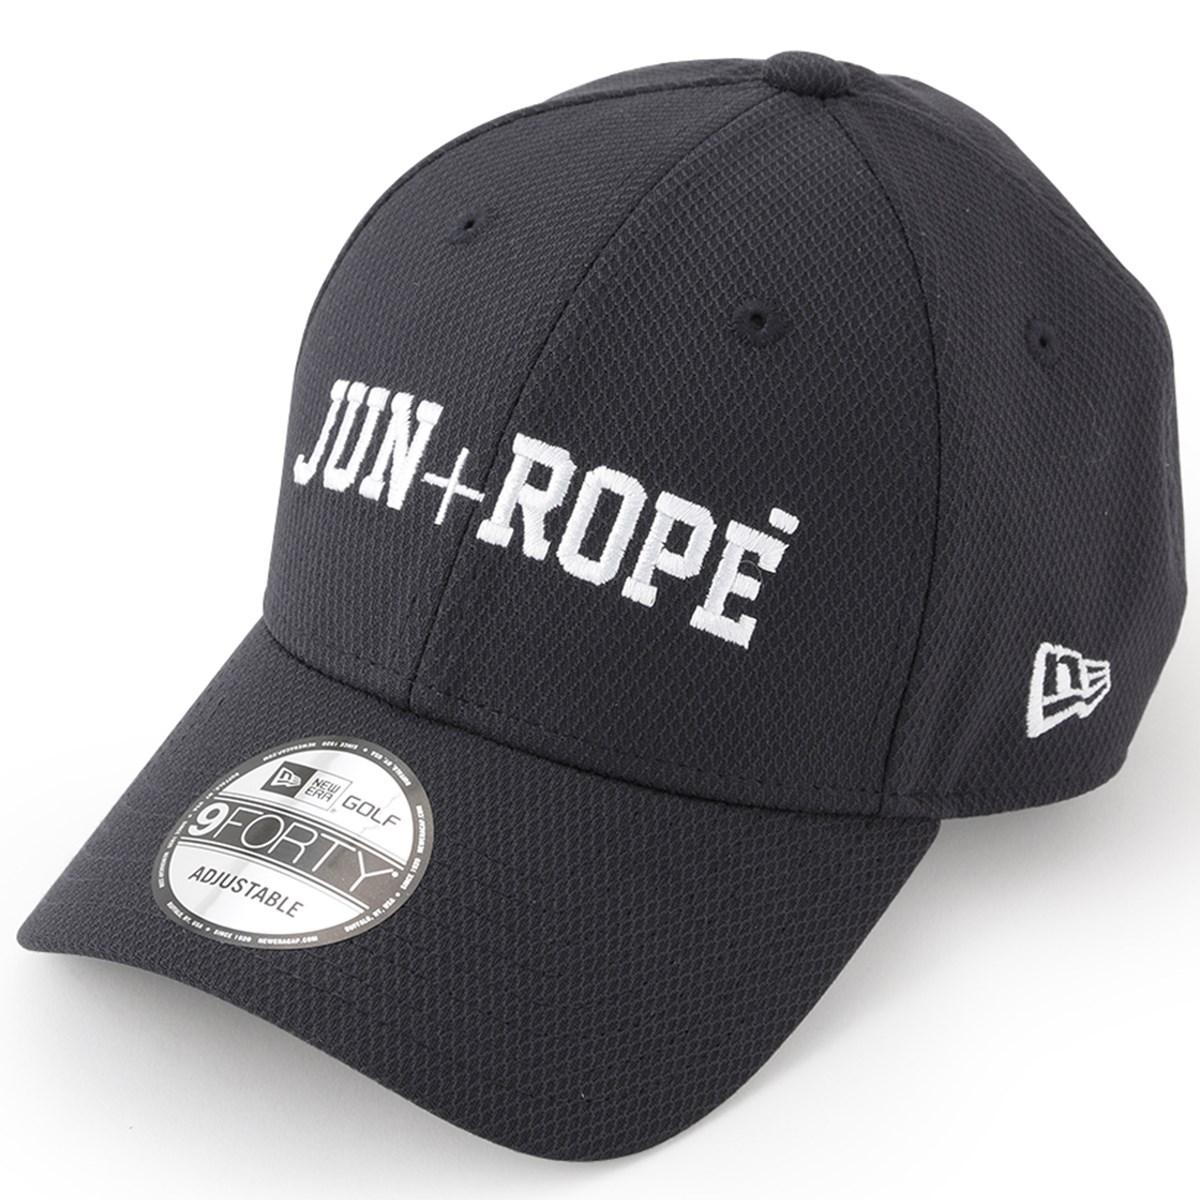 ジュン アンド ロペ JUN & ROPE NEW ERAGOLF940VSコラボキャップ フリー ネイビー 40 レディス